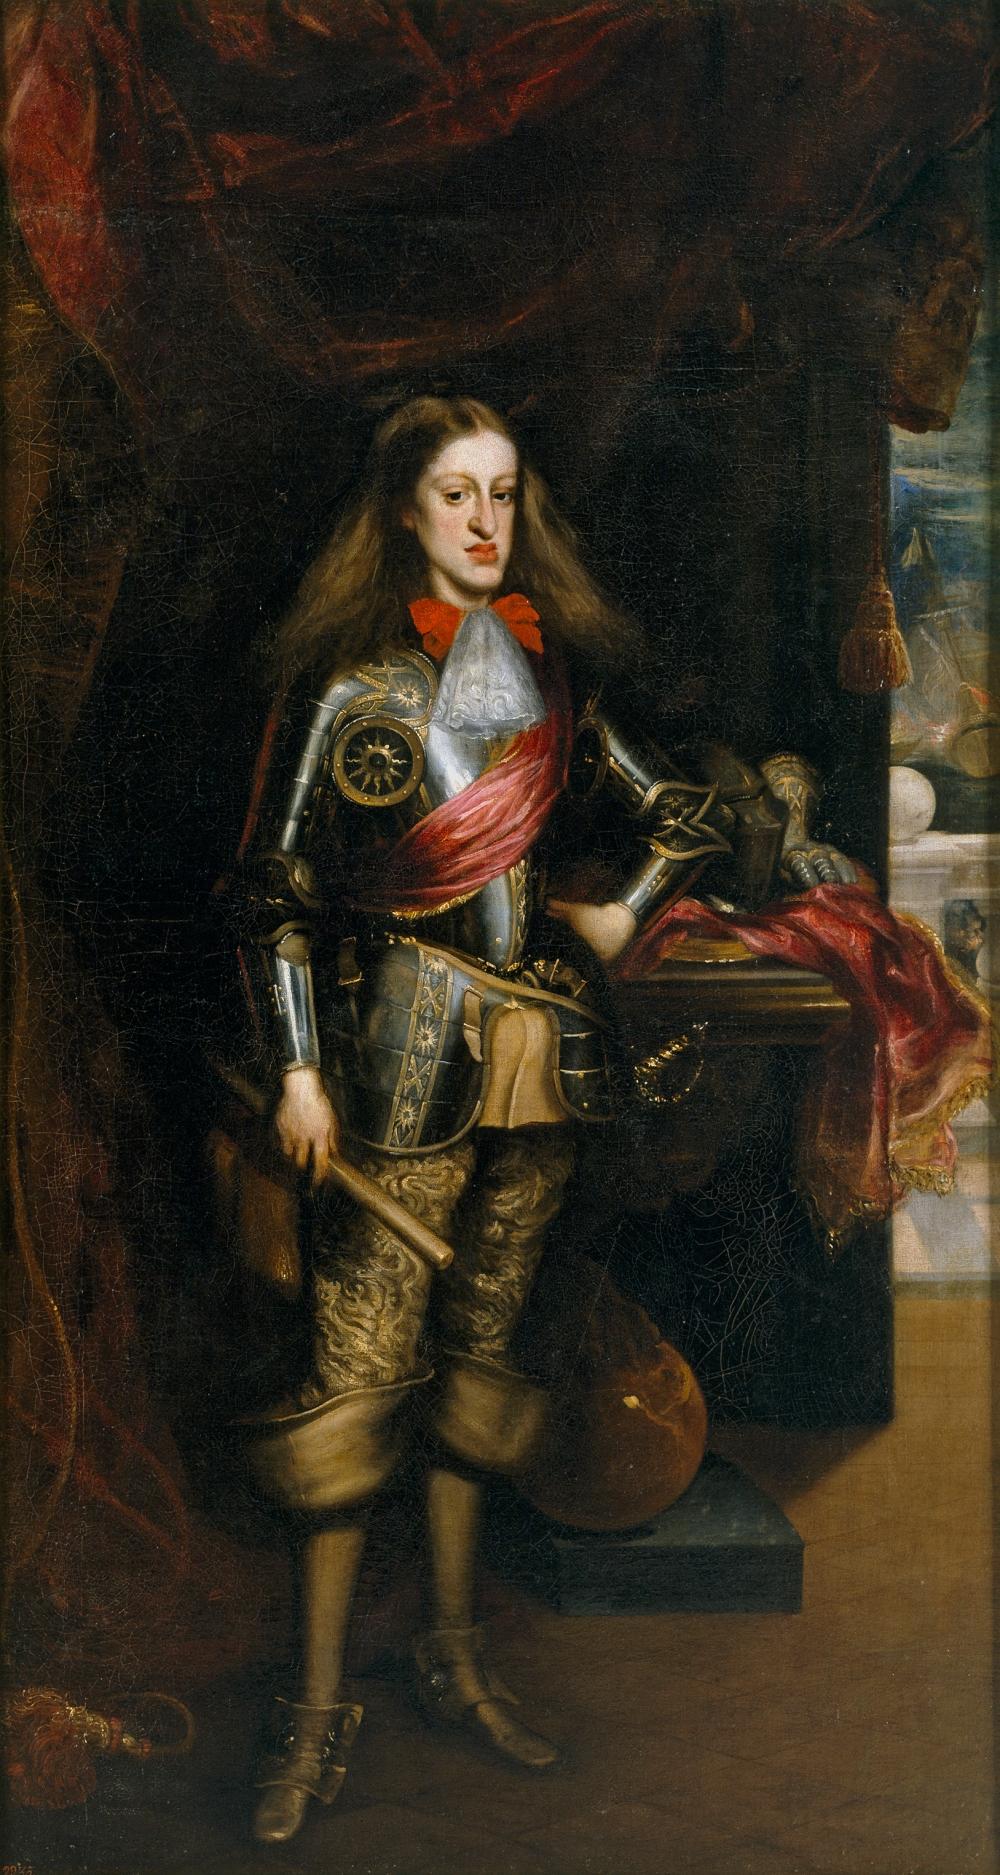 Juan Carreño de Miranda. Carlos II con armadura. 1681. Museo del Prado. Madrid.